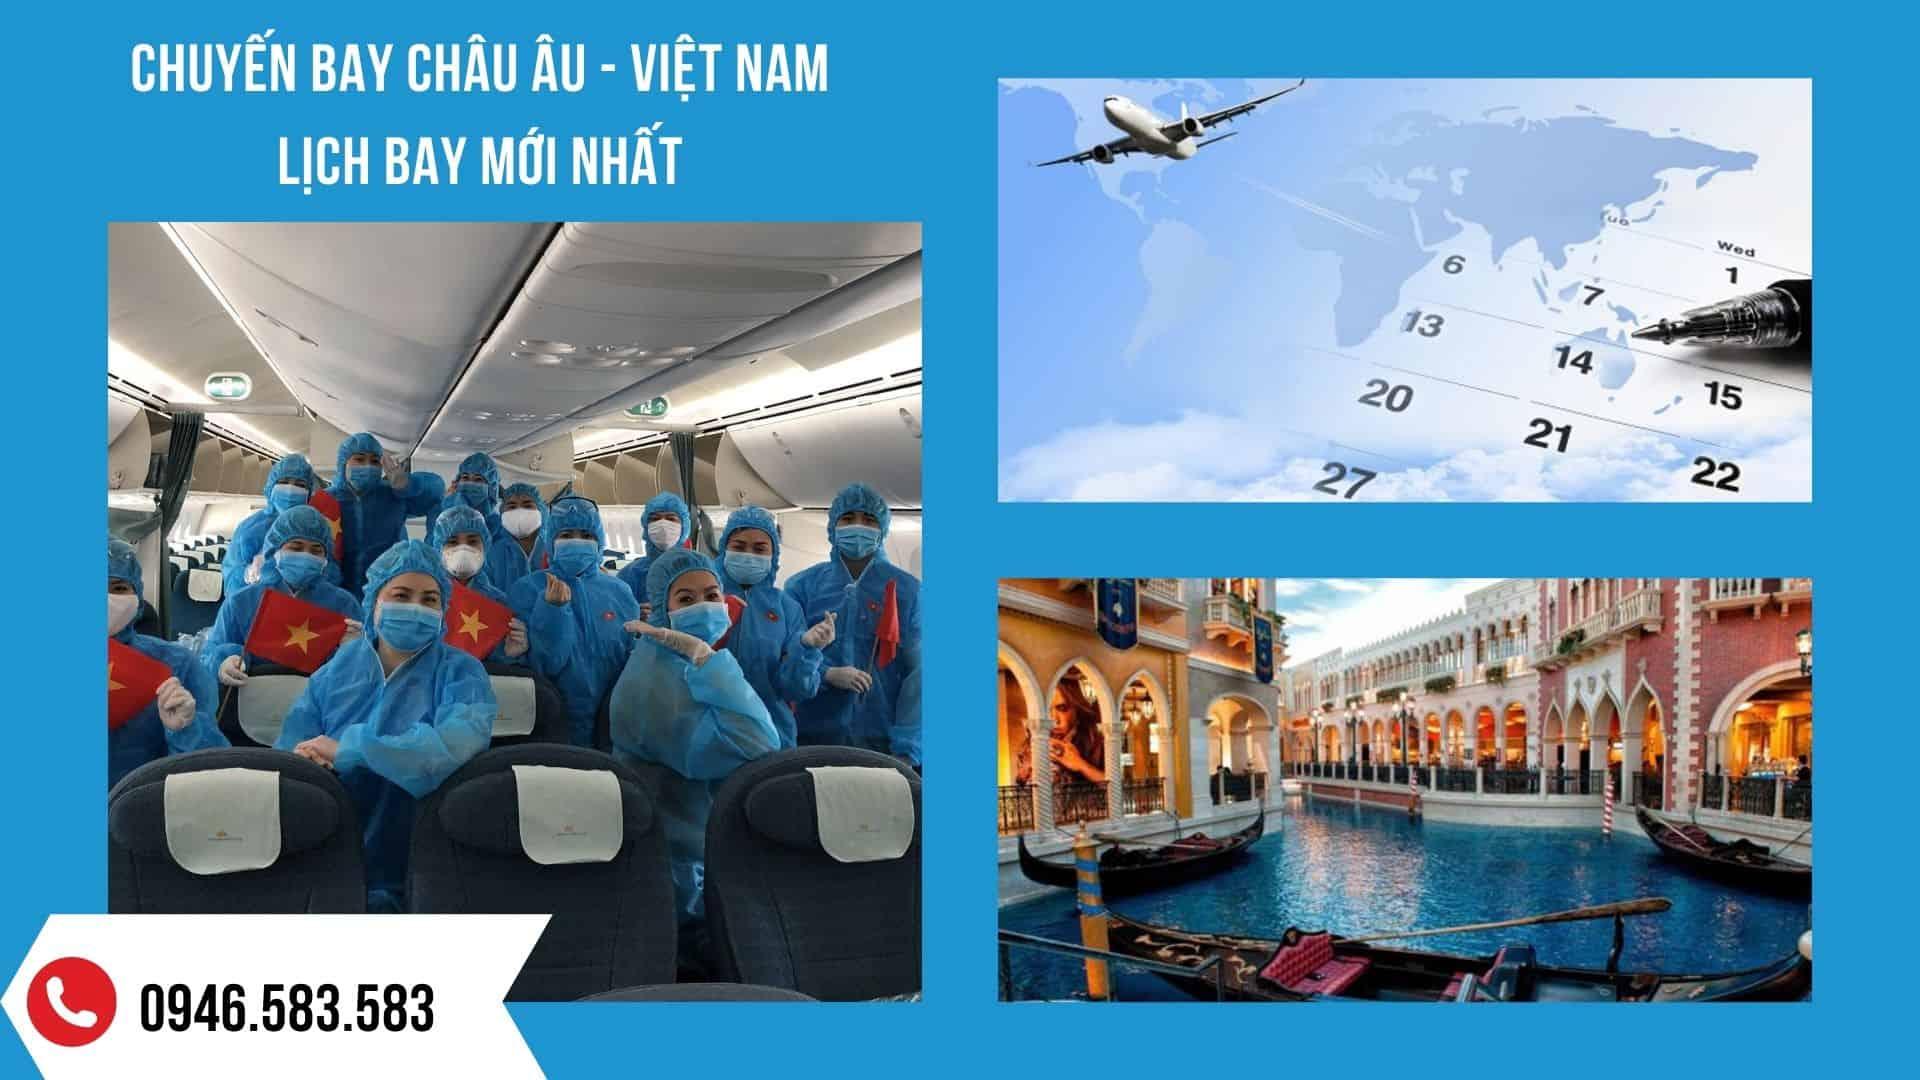 Lịch chuyến bay từ châu Âu về Việt Nam